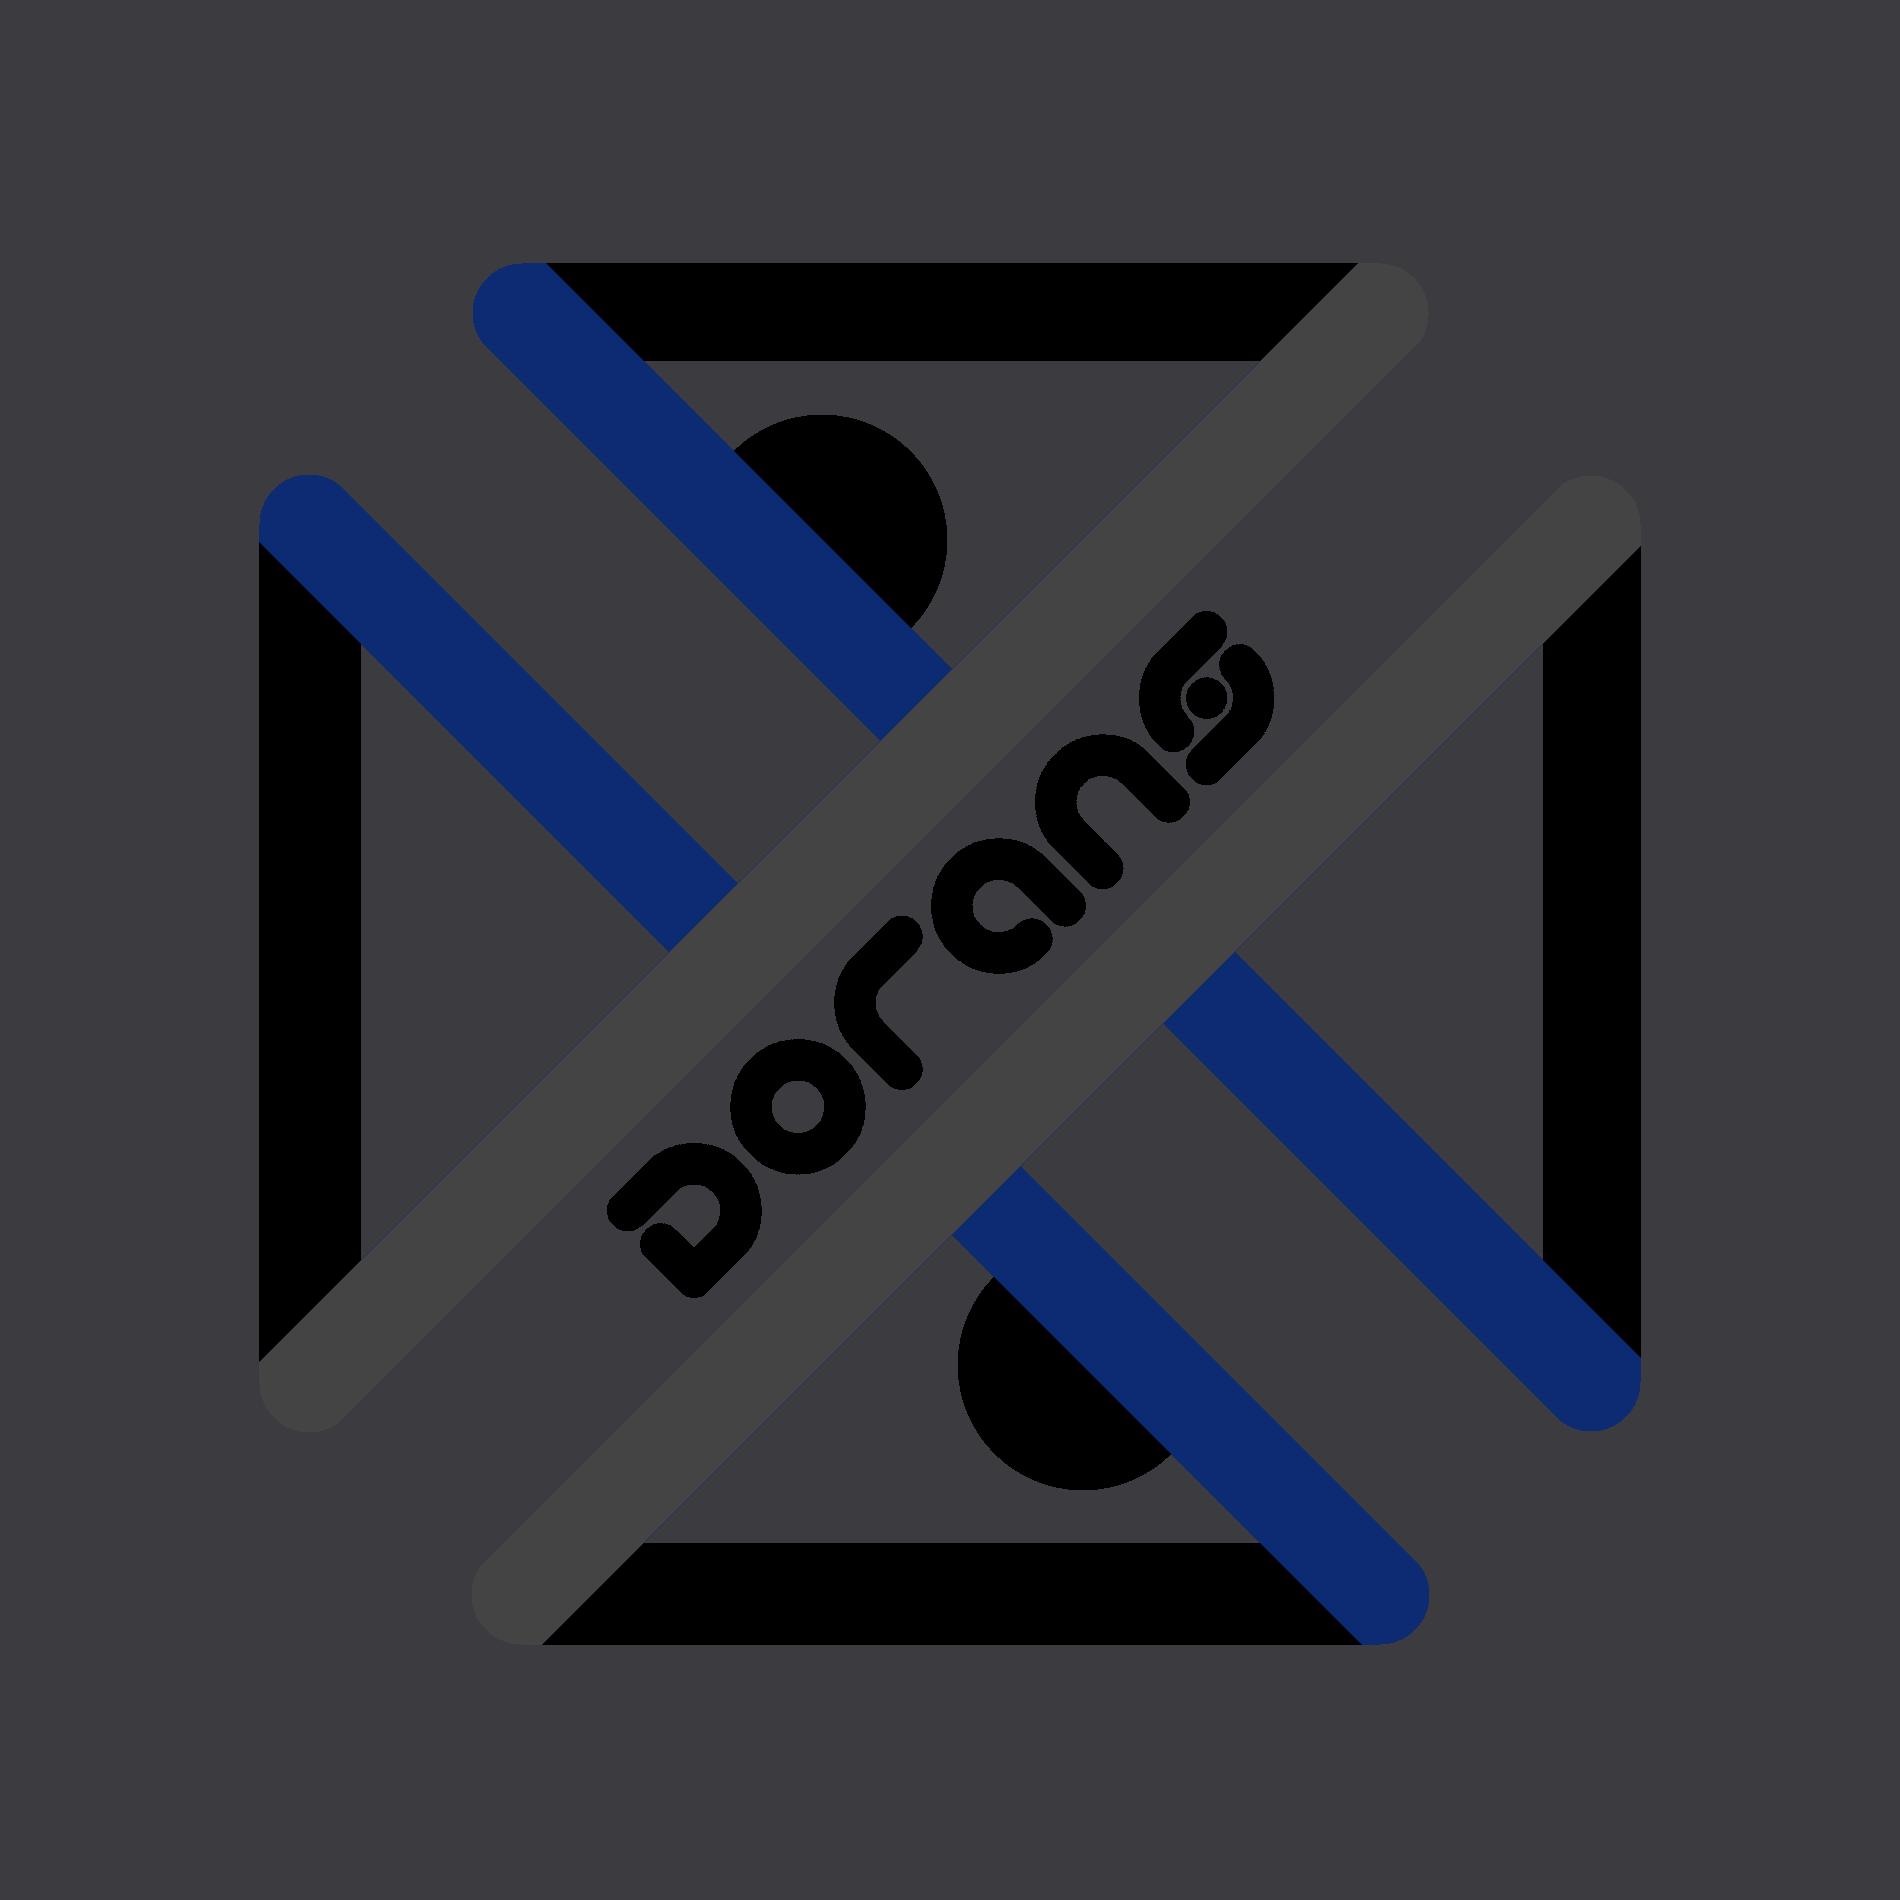 Dorans E-sports